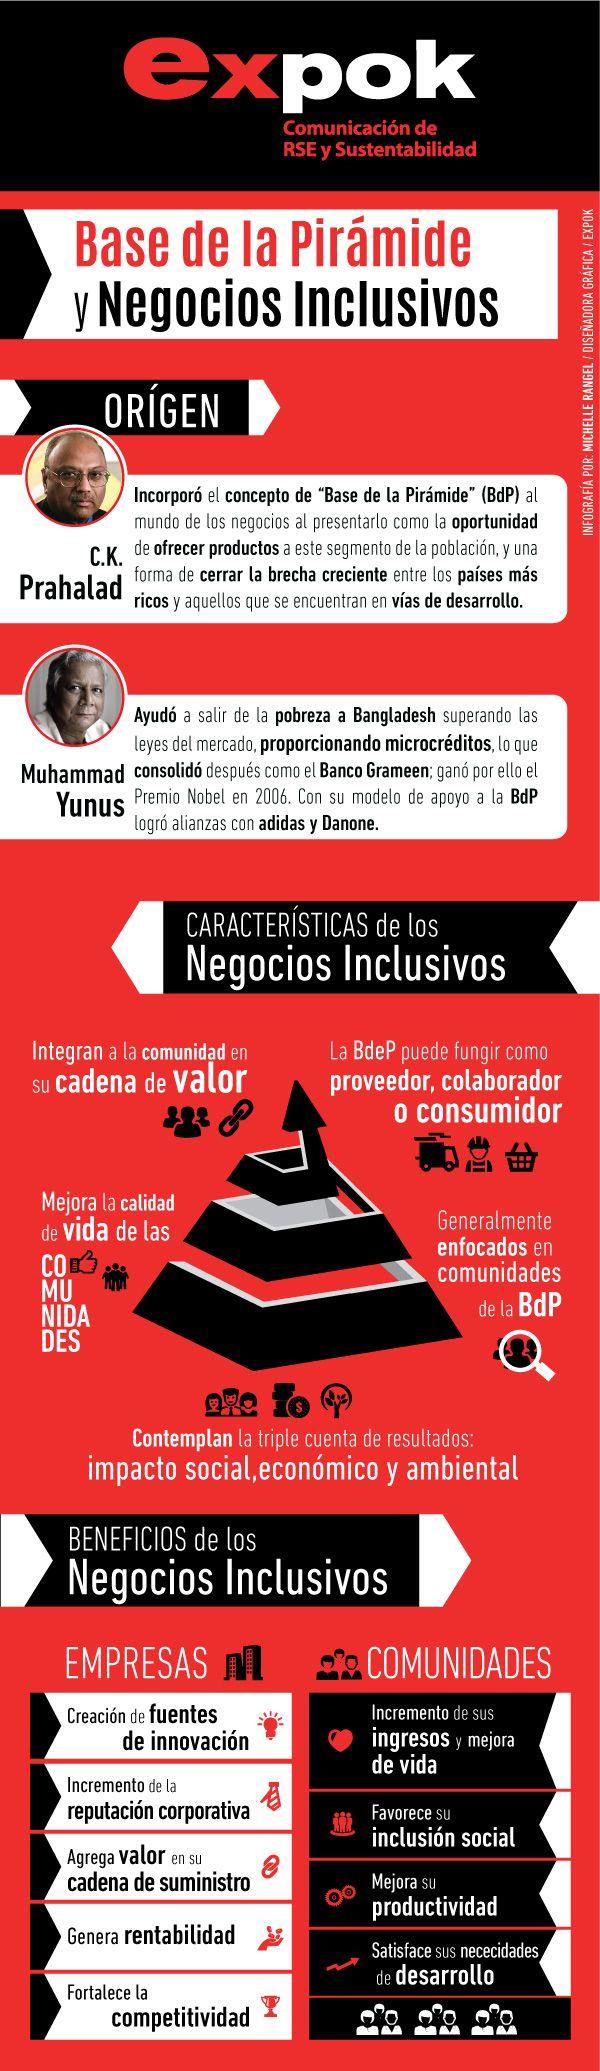 ¿Qué son los negocios inclusivos y la base de la pirámide?